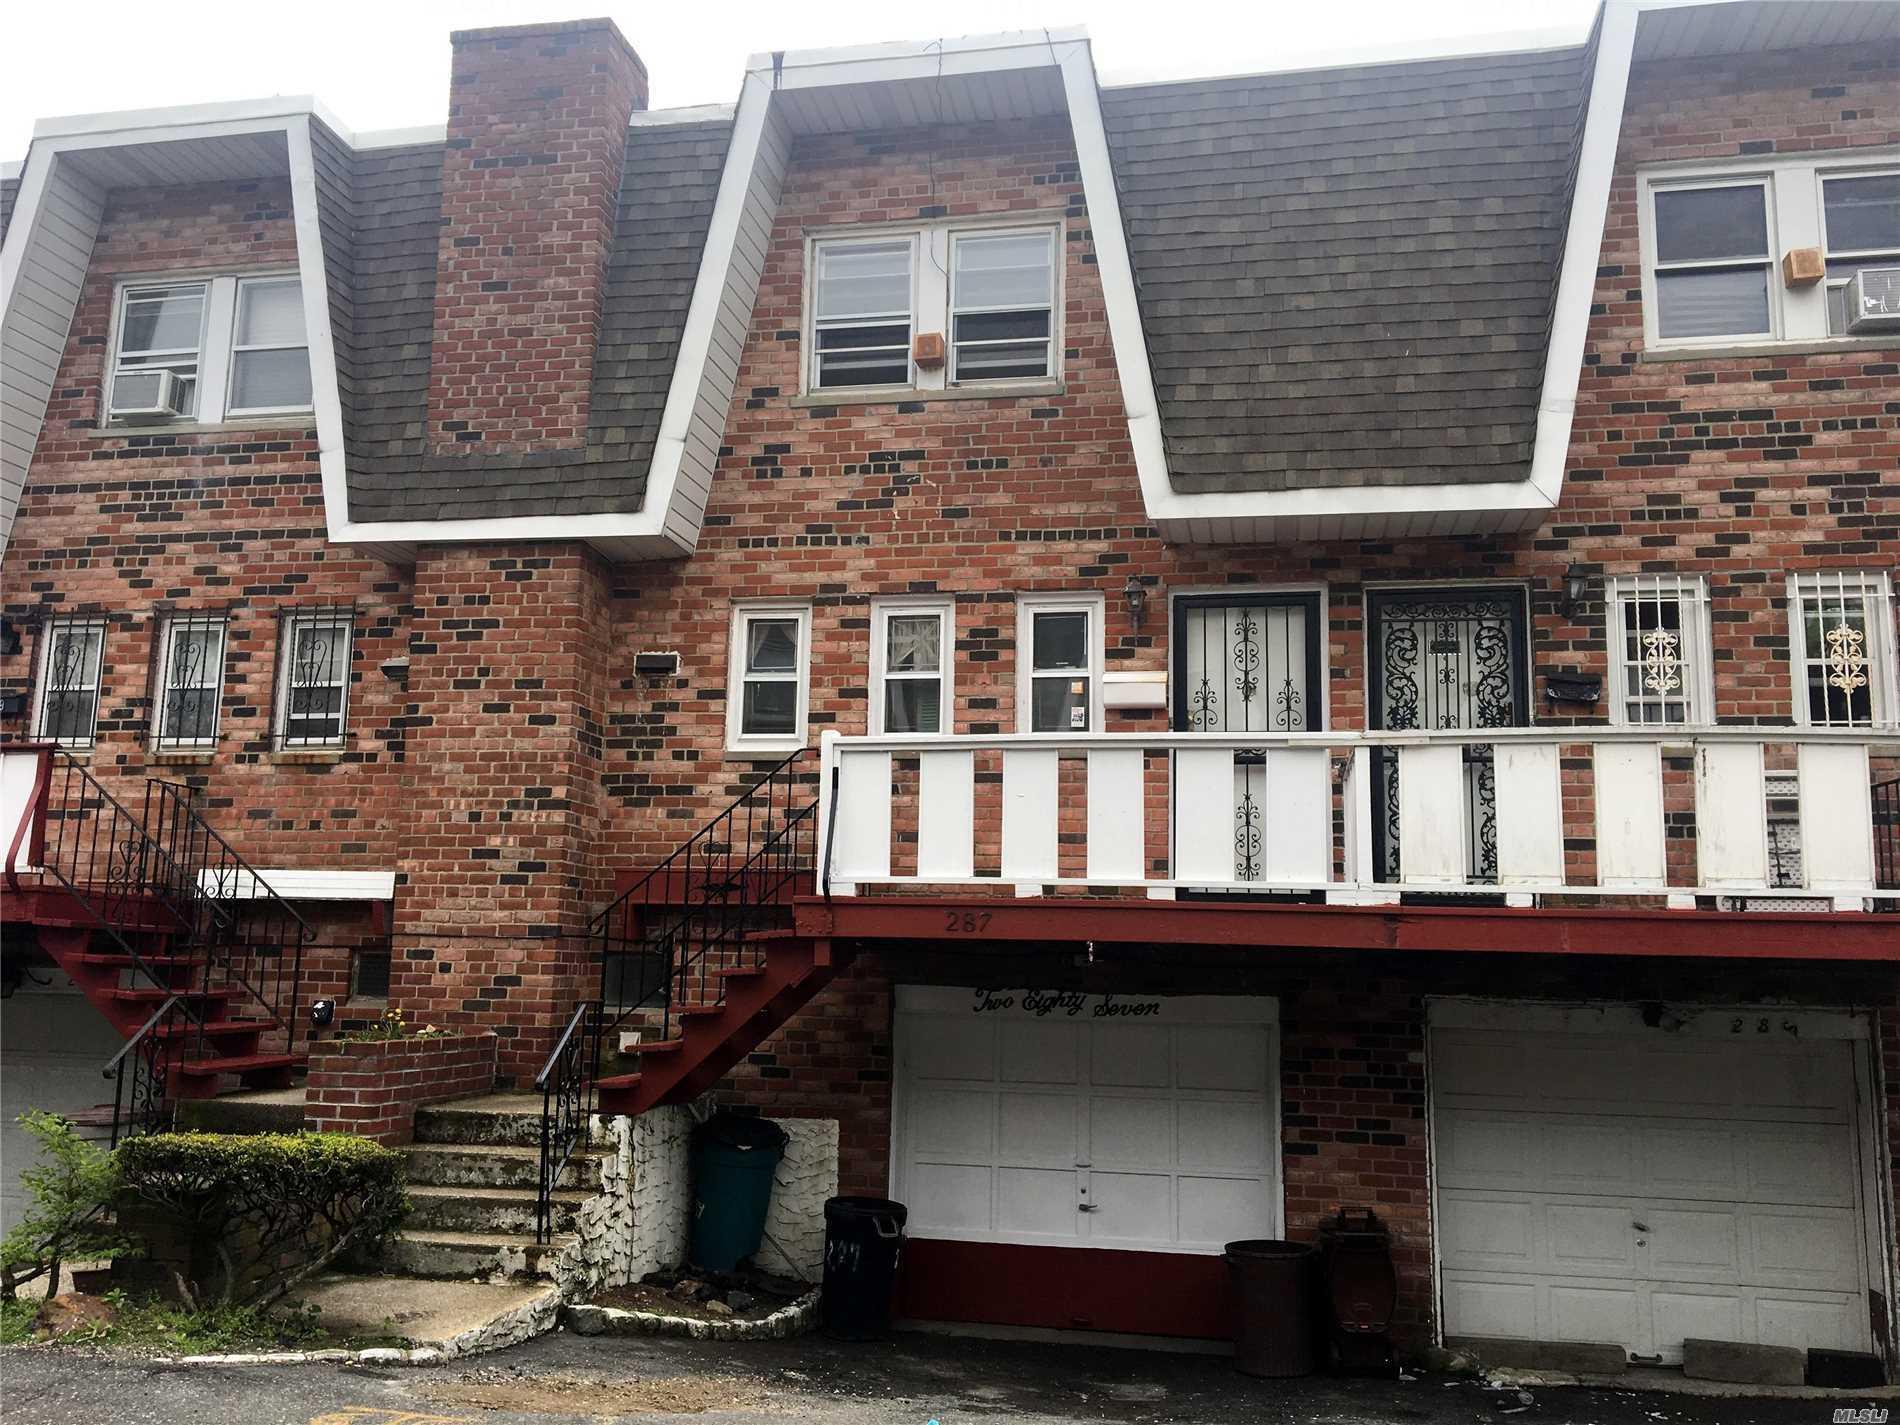 Property for sale at 287 Beach 16th Street, Far Rockaway NY 11691, Far Rockaway,  New York 11691